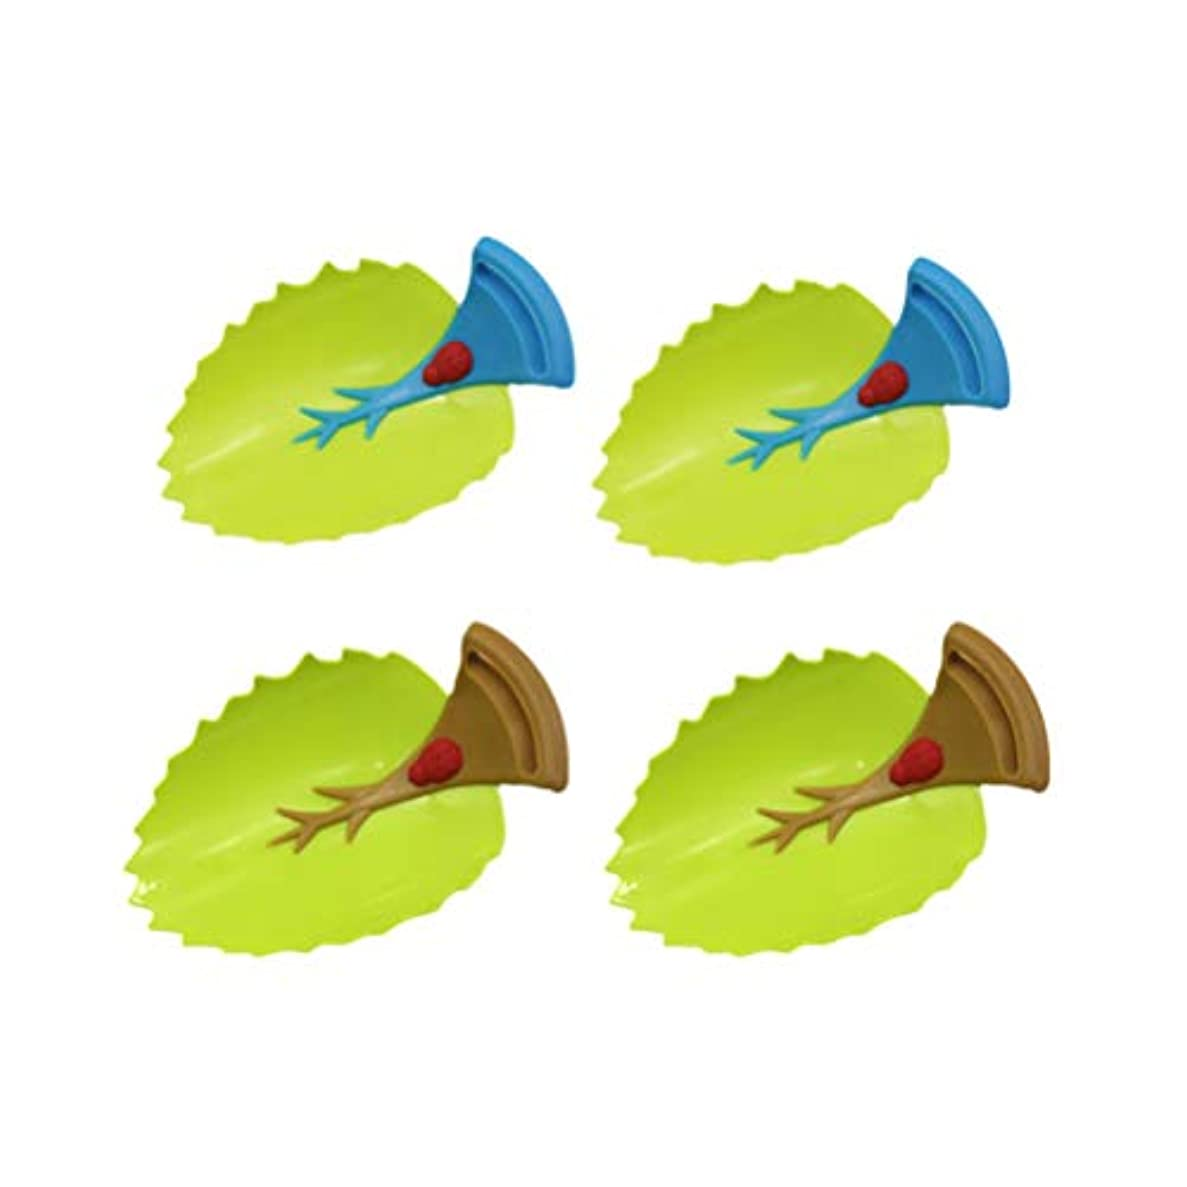 ポルノ最愛の吸収剤Toyvian 子供4本のための蛇口エクステンダリーフデザイン手洗い水道水ガイドツール